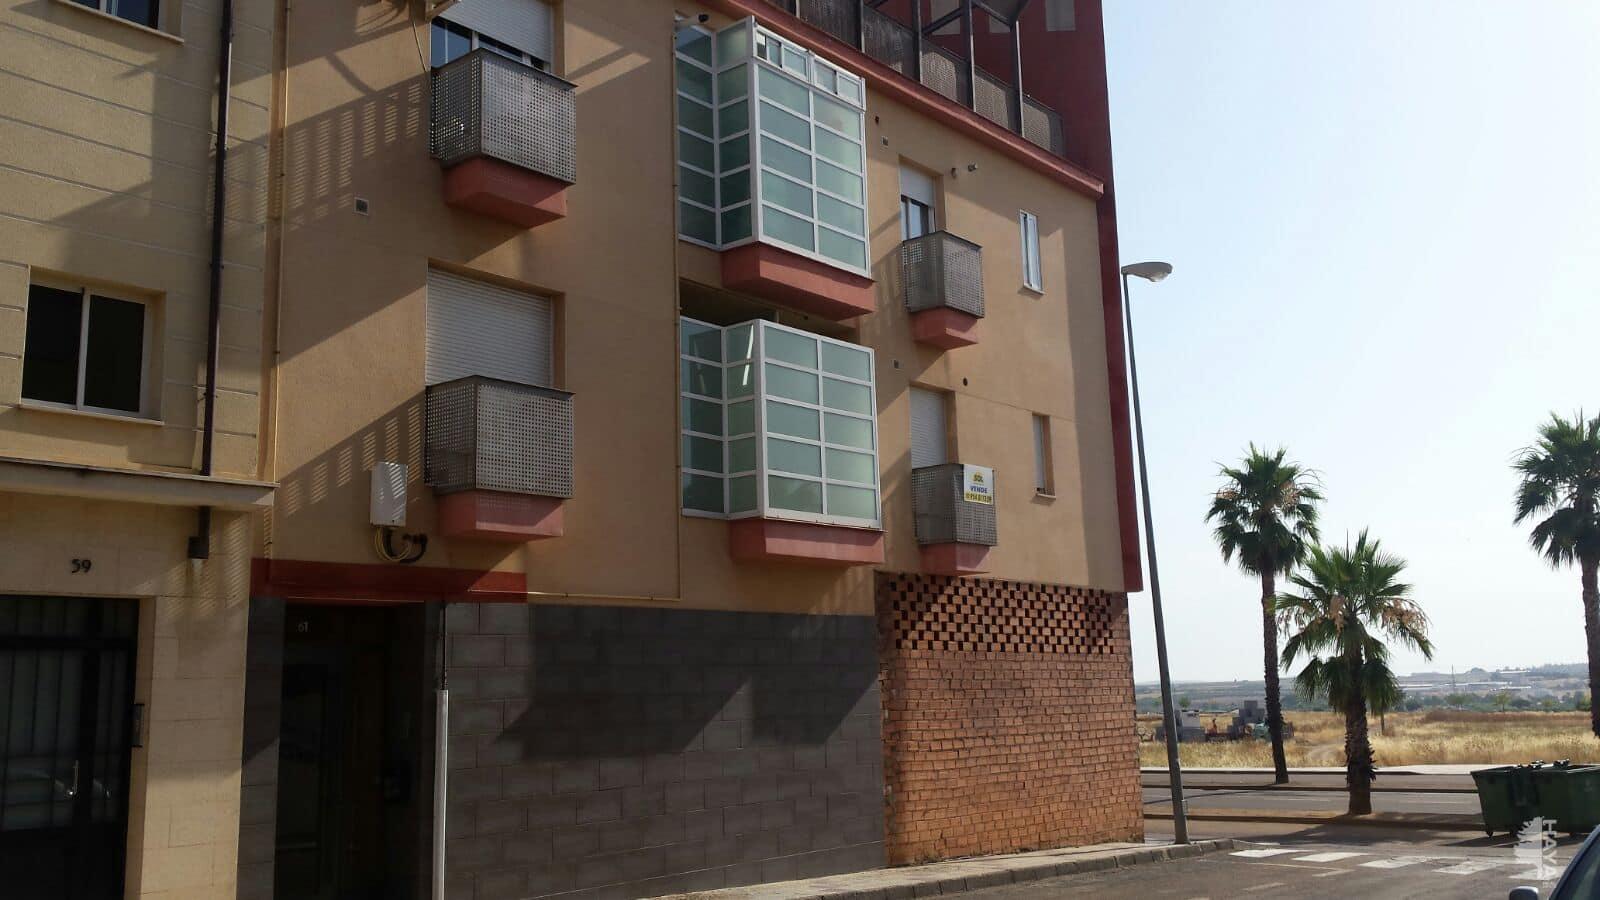 Piso en venta en Don Benito, Badajoz, Calle Búrdalo, 63.200 €, 1 habitación, 1 baño, 63 m2